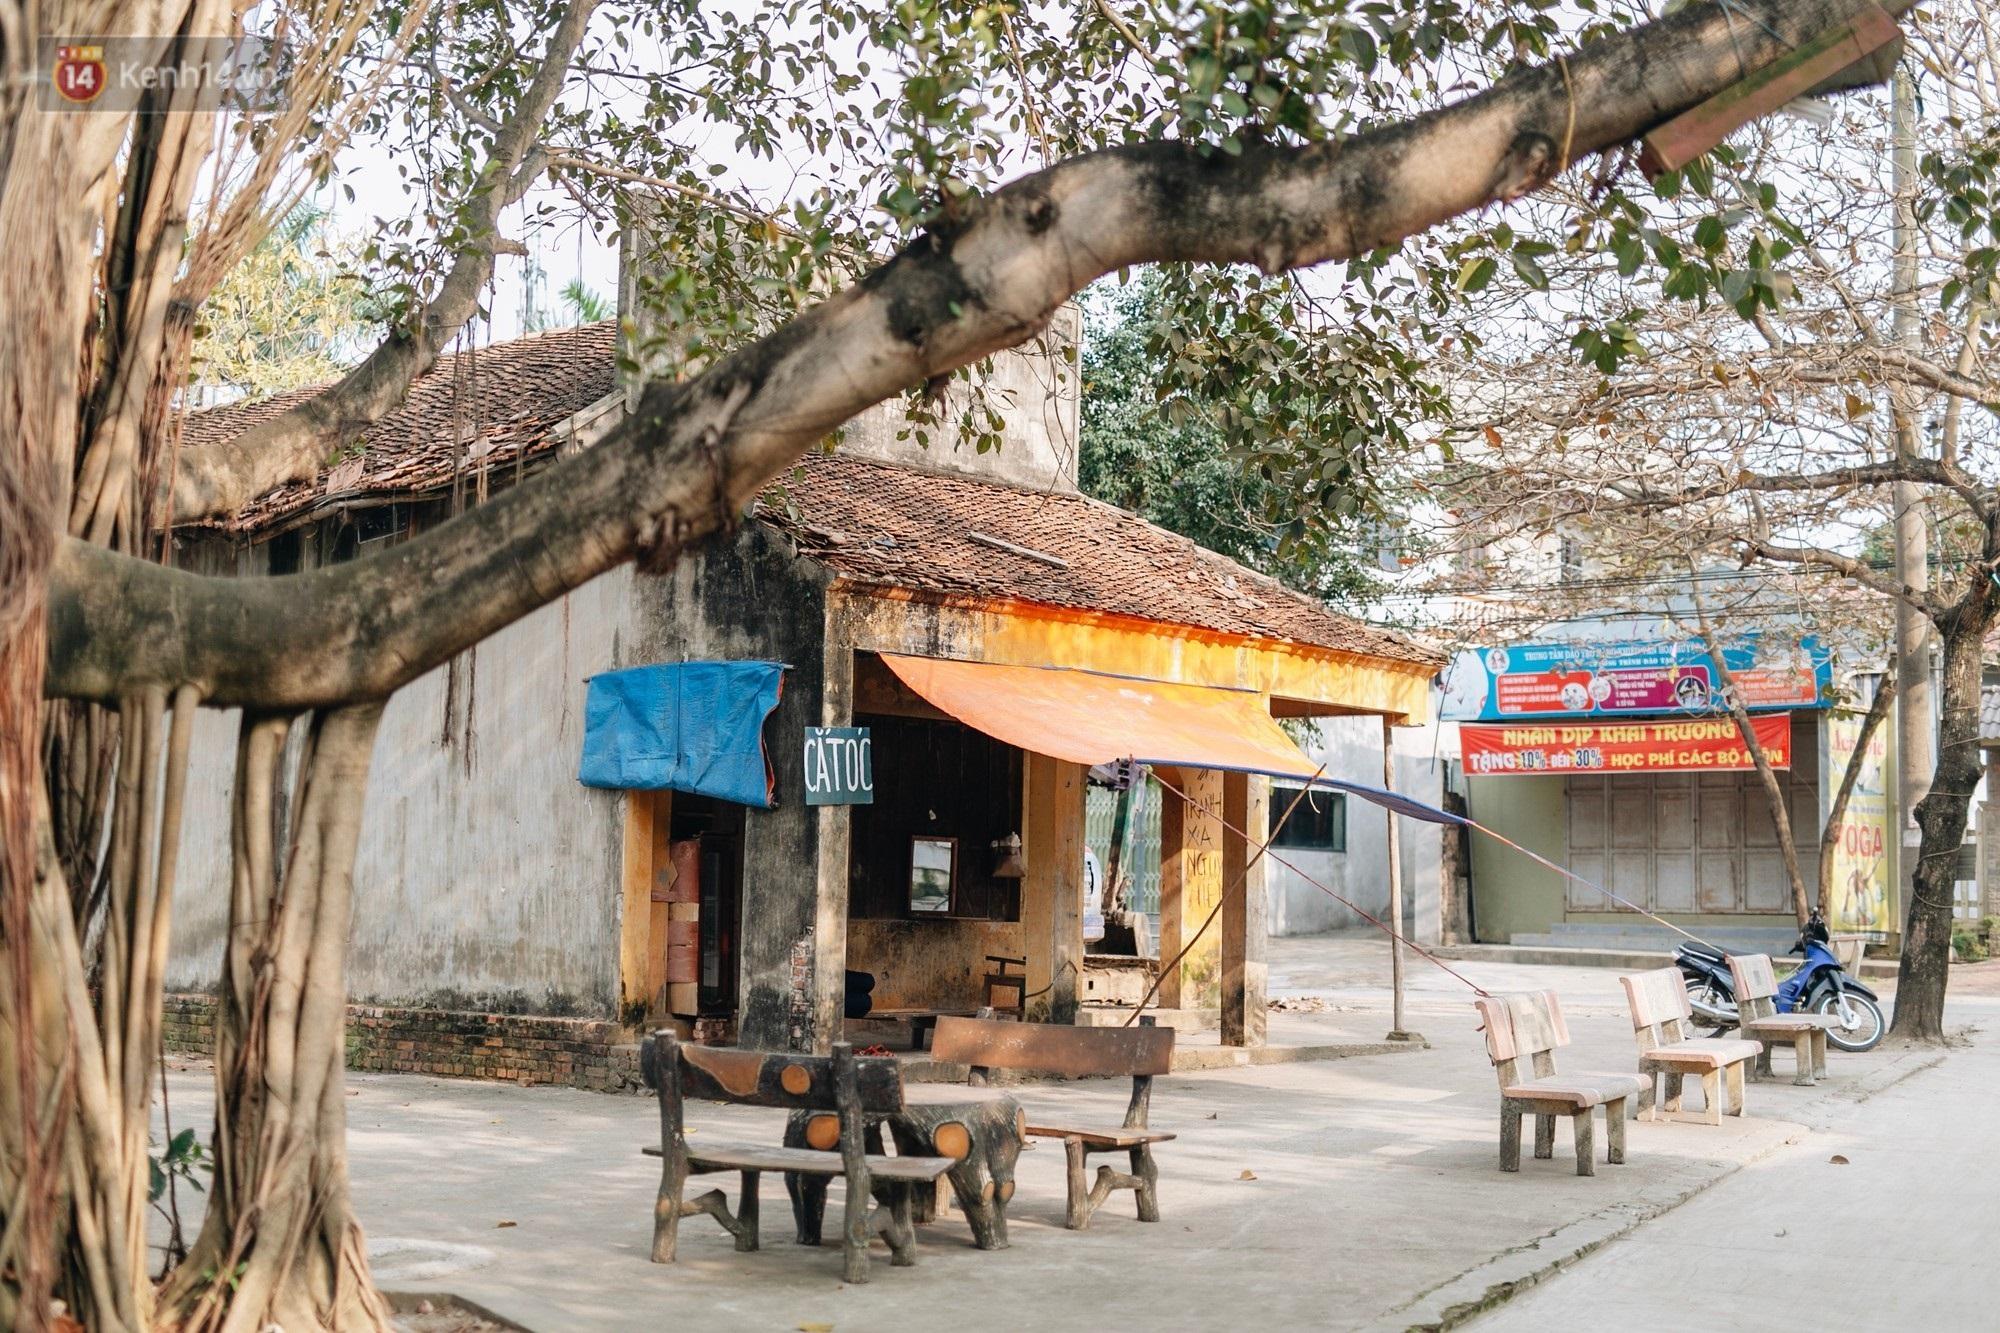 Ngôi làng ở Hà Nội ăn 4 tấn thịt chó mùng 4 Tết lấy may - Ảnh 1